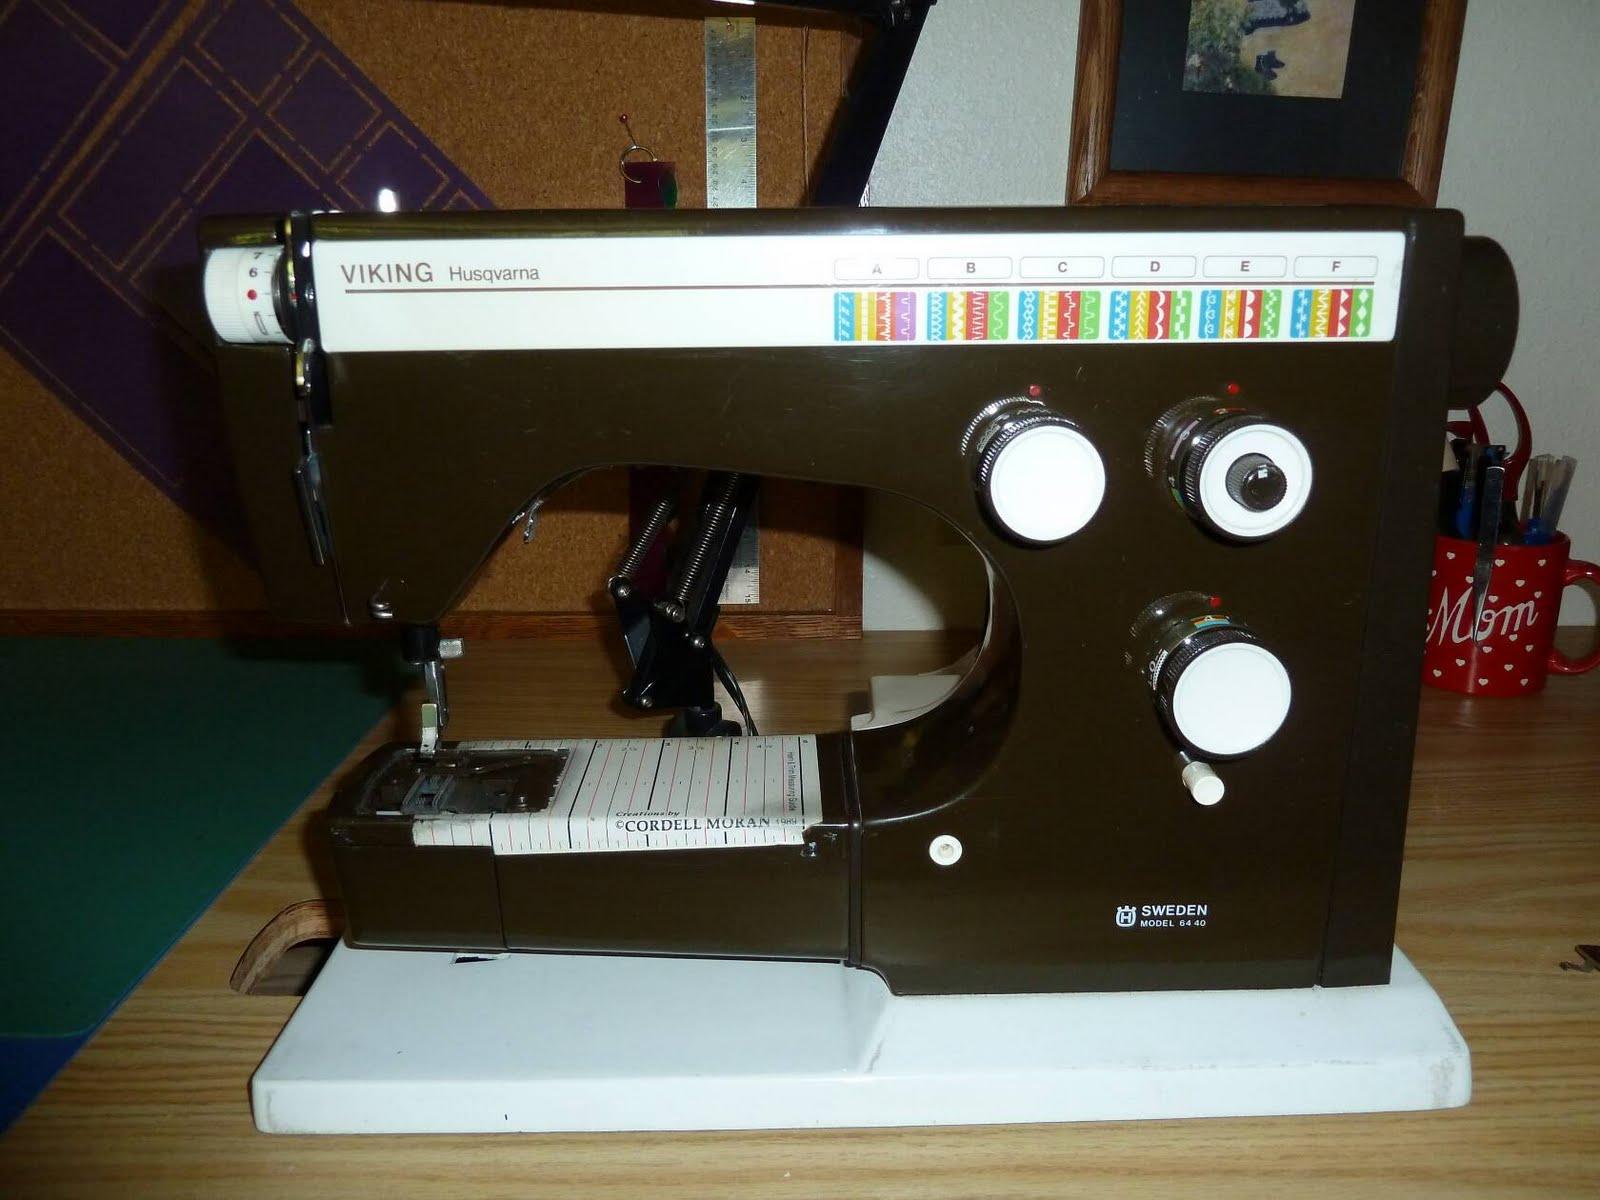 Jim & Linda: Viking Husqvarna Model 6440 Sewing Machine Viking Wiring Diagram on